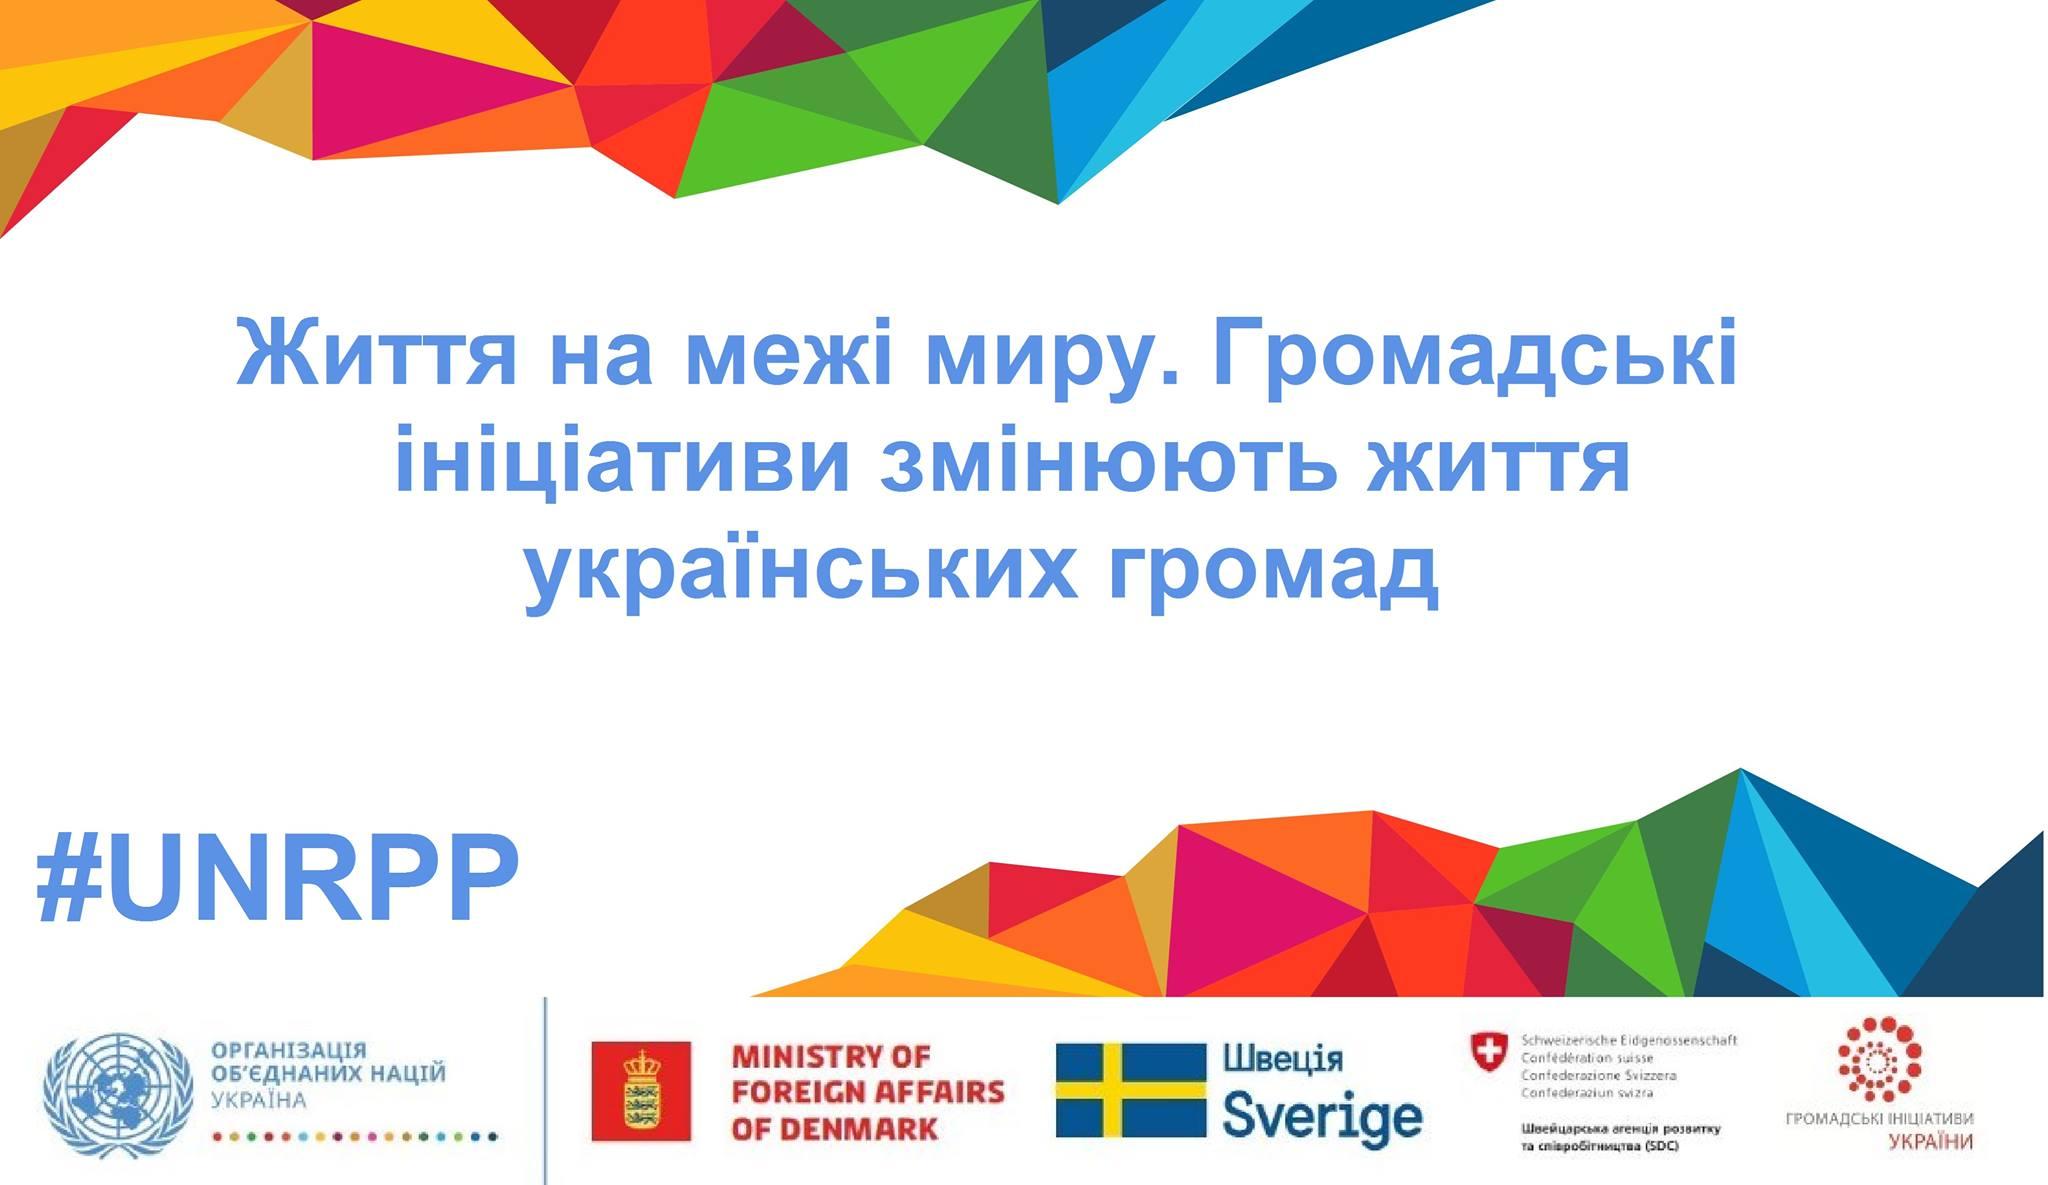 Форум «Життя на межі миру. Громадські ініціативи змінюють життя українських громад»: міжнародний онлайн-формат дискусій та майстерень